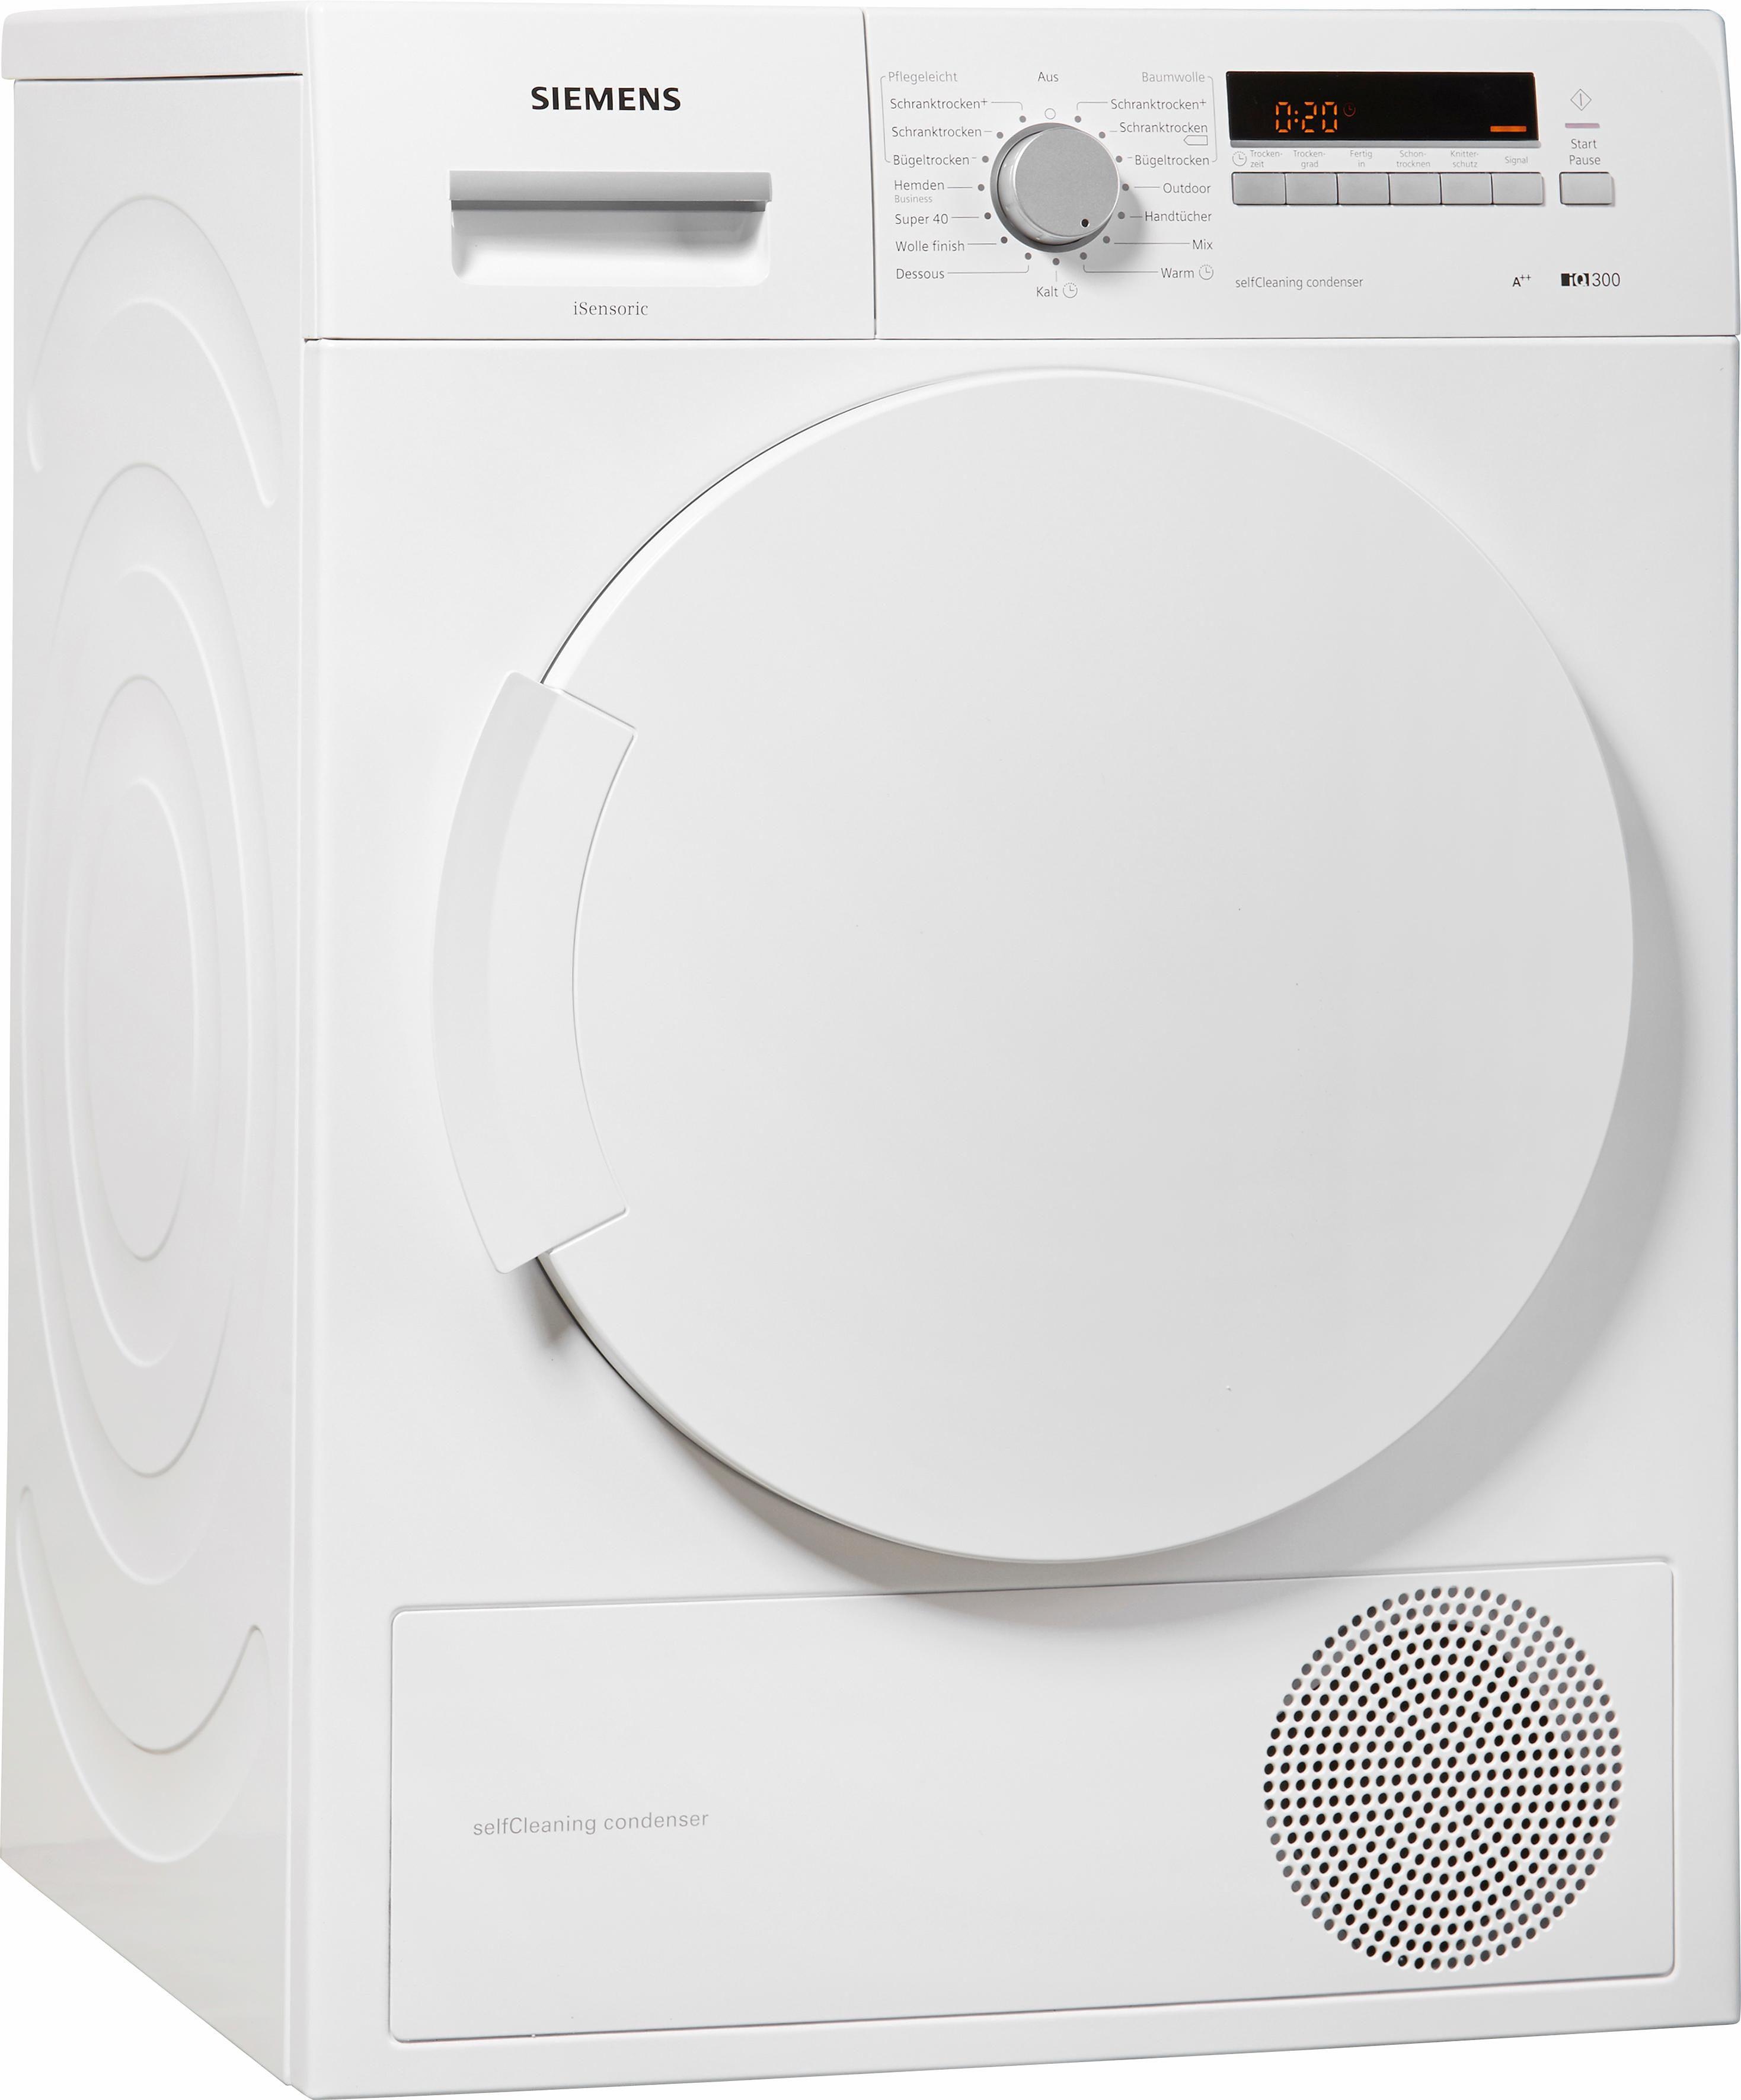 SIEMENS Trockner iQ300 WT43W260, A++, 7 kg